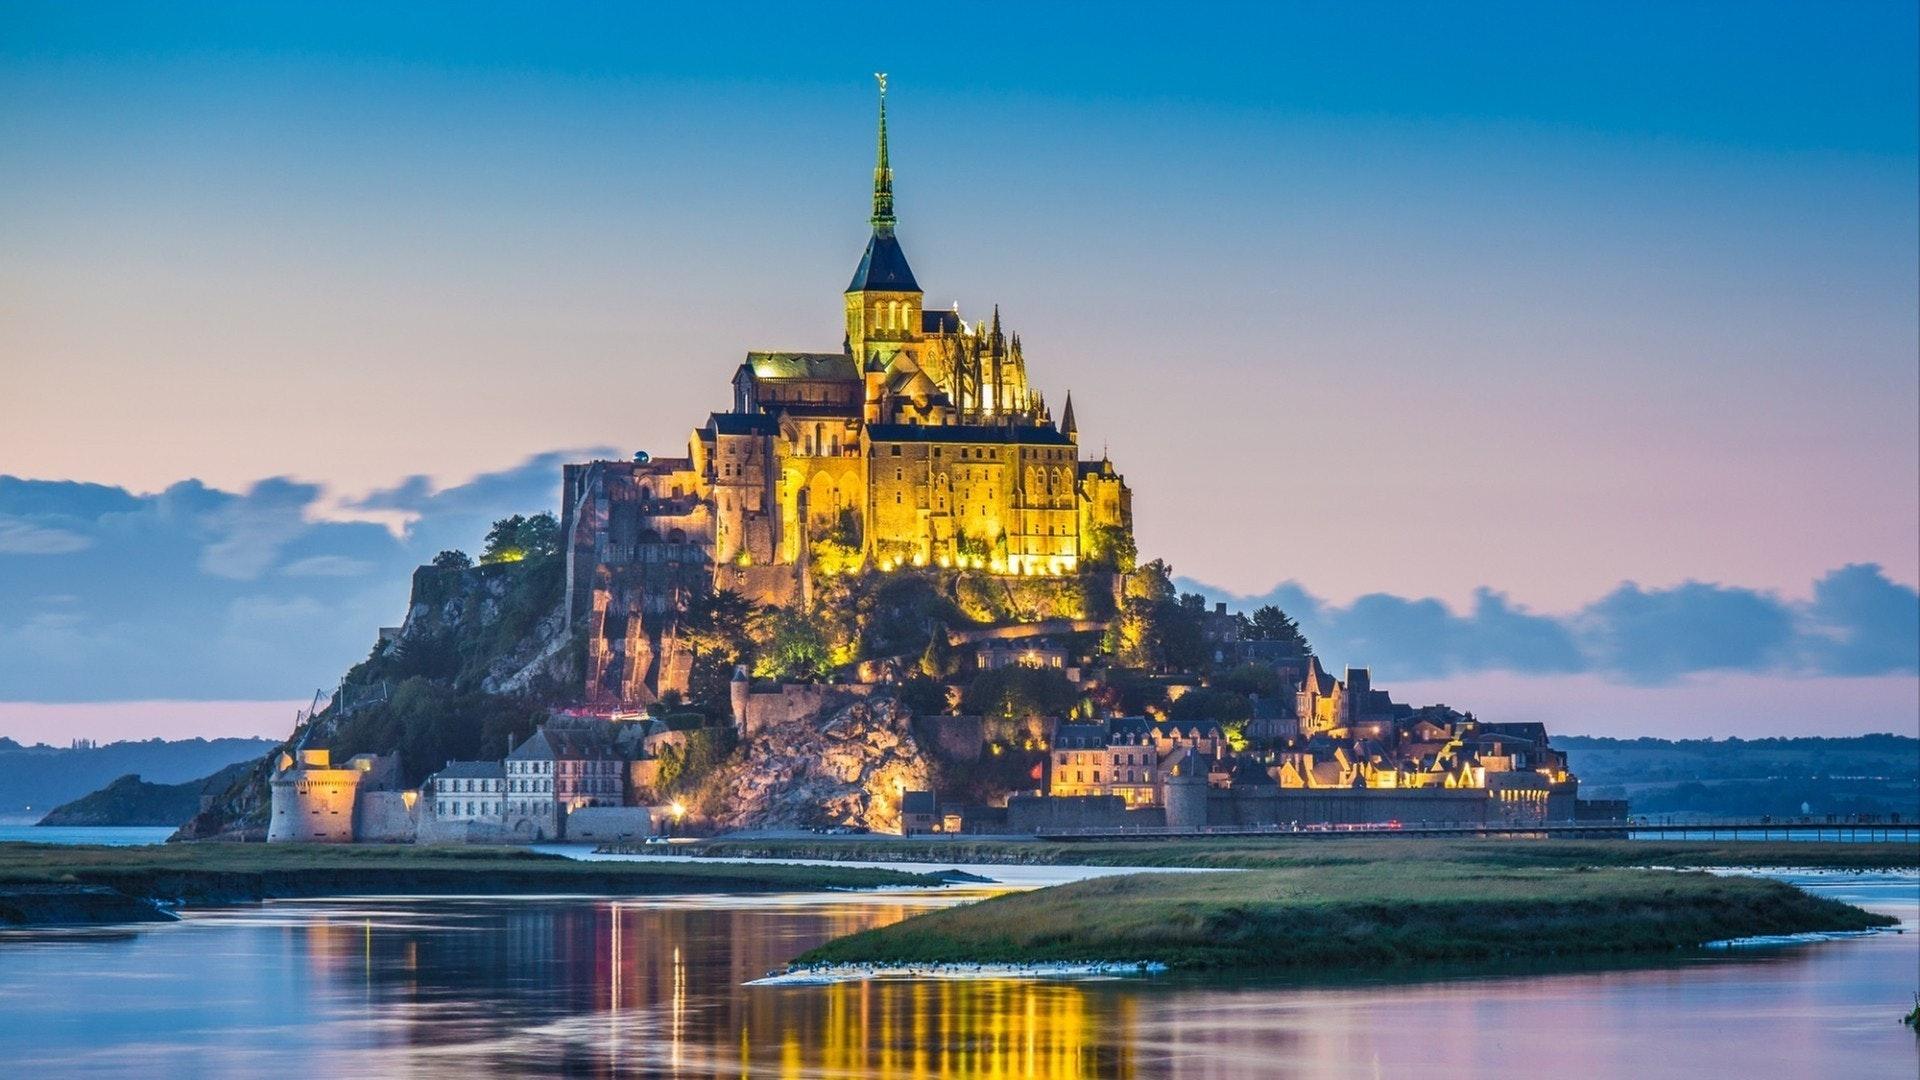 Beautiful view of famous Le Mont Saint-Michel tidal island